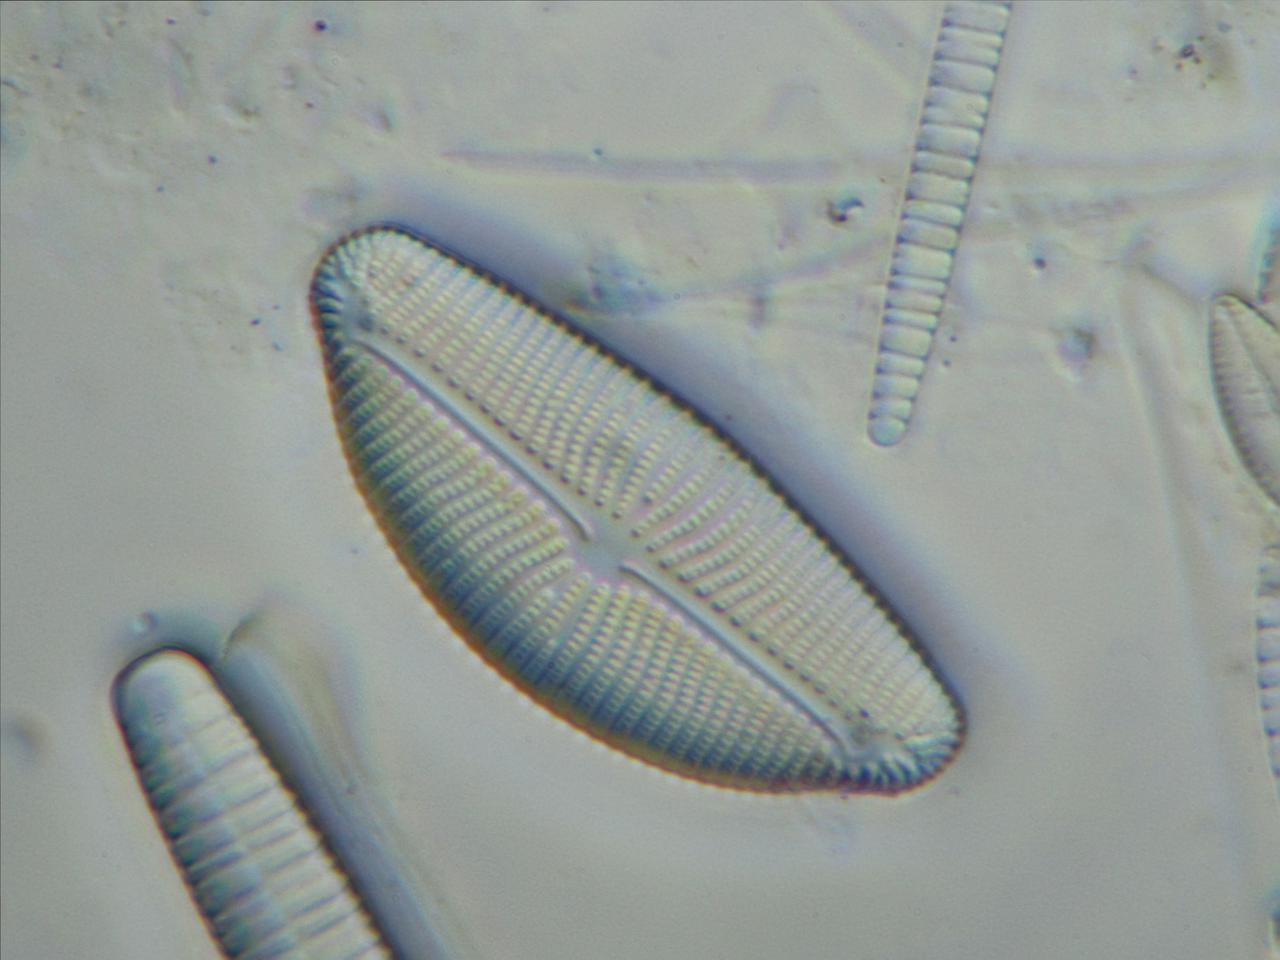 élő paraziták emberben a strongyloidiasis terjed